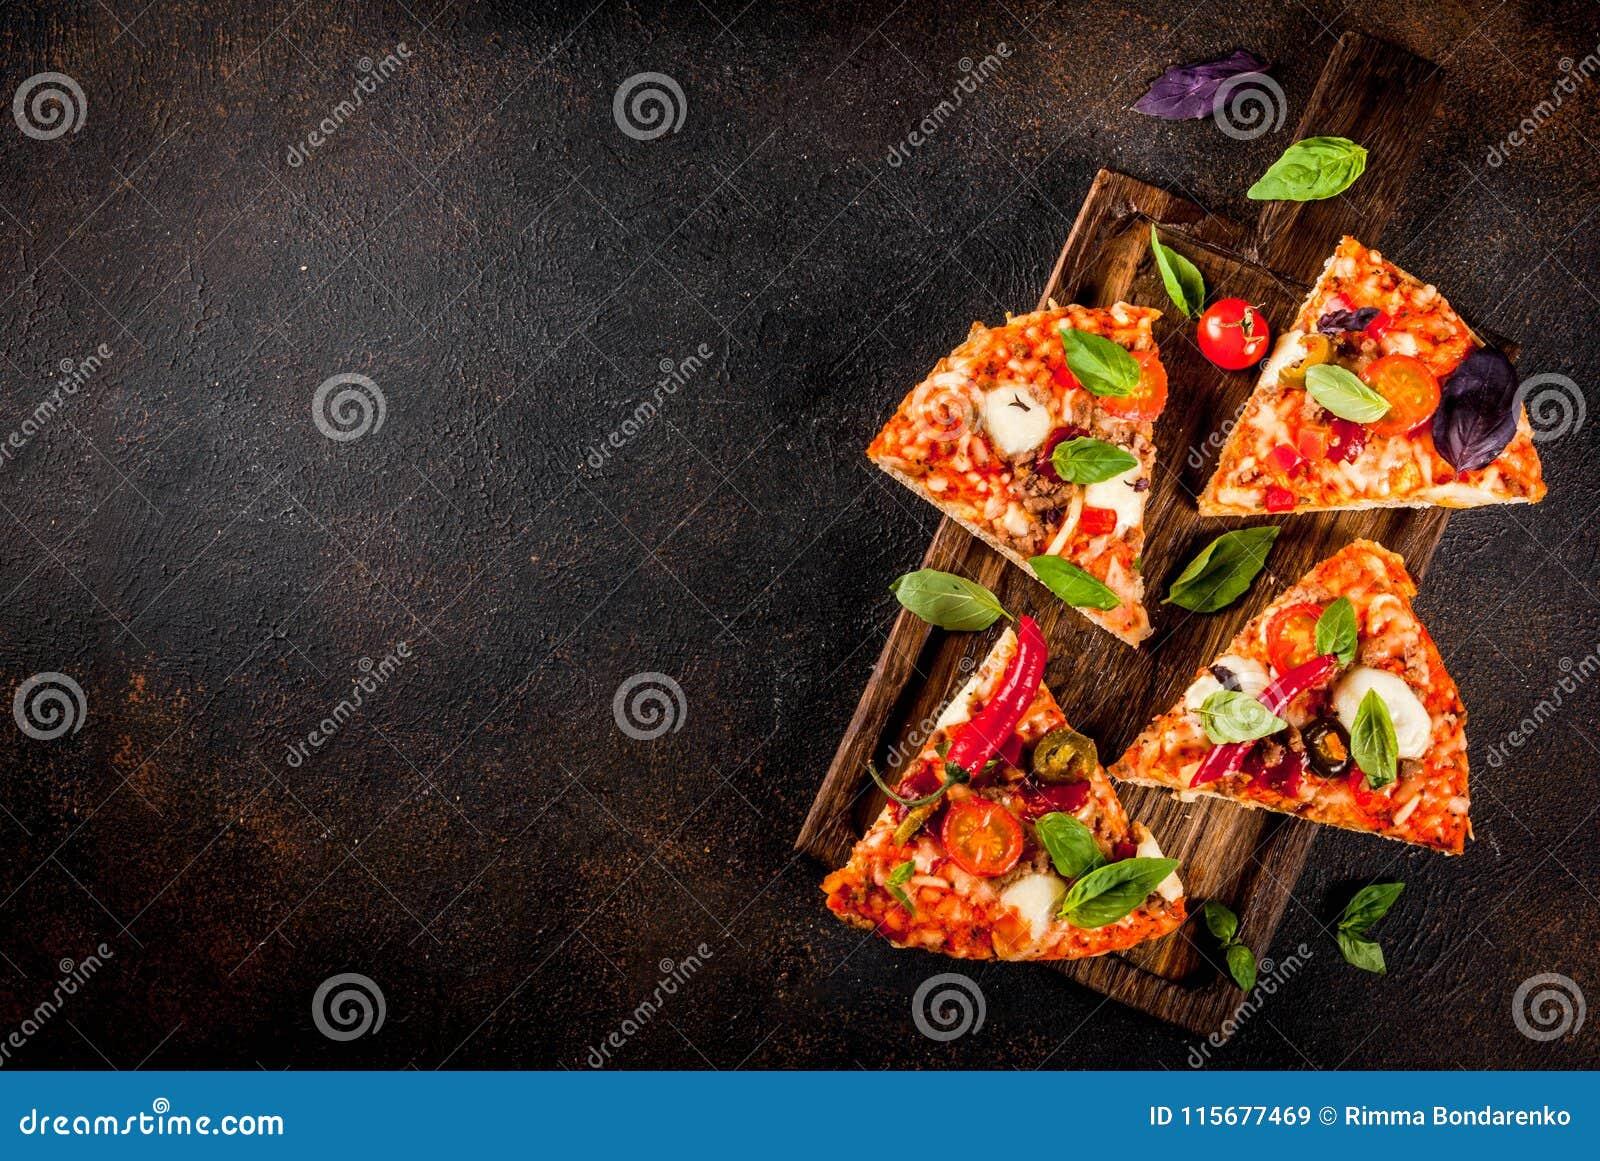 Pizza et vin rouge